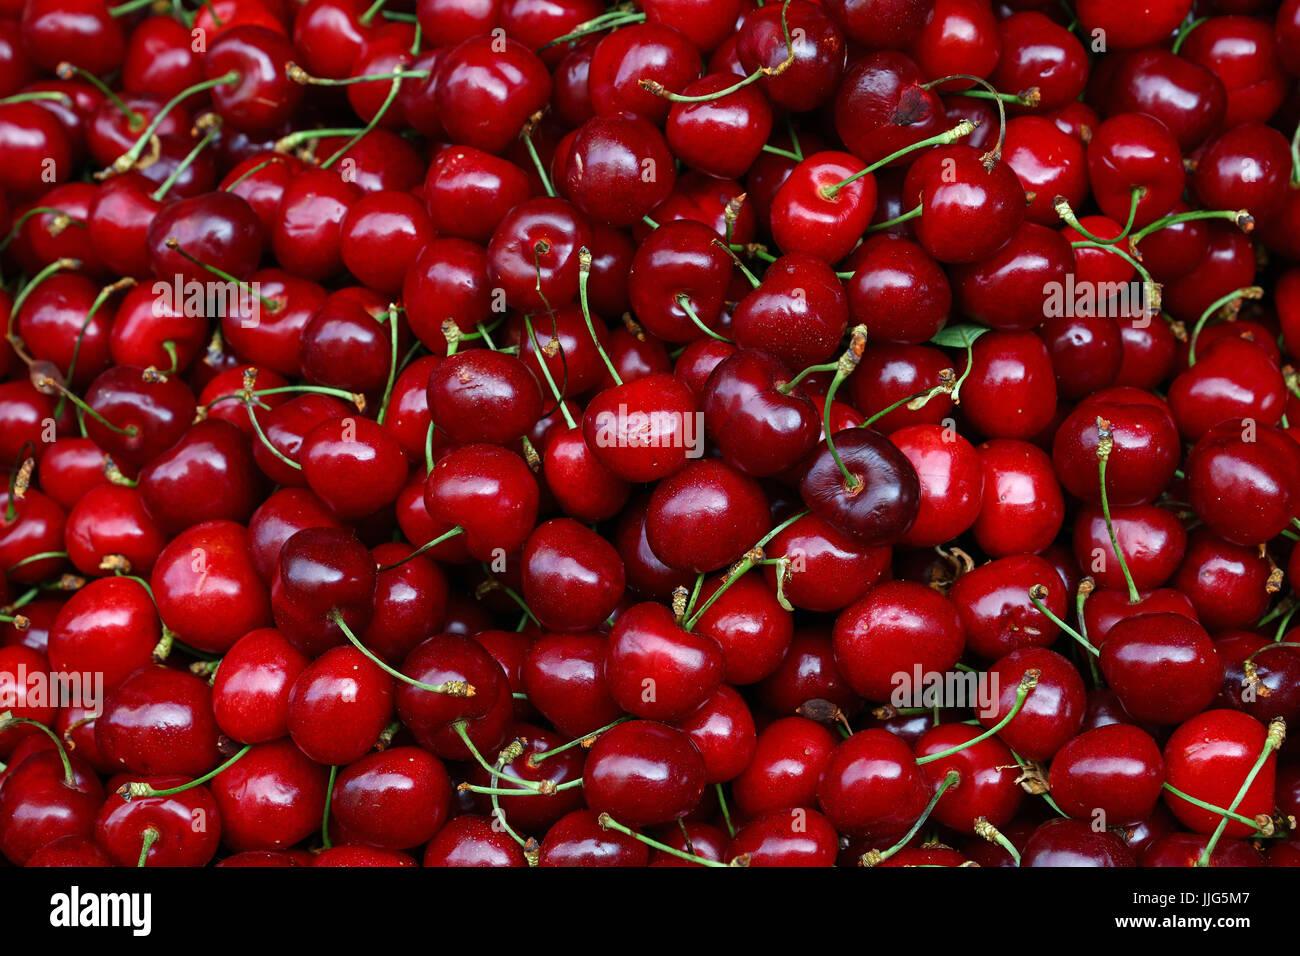 Montón de rojos frescos negro cereza dulce bayas maduras en el mercado al por menor calado, visualización Imagen De Stock